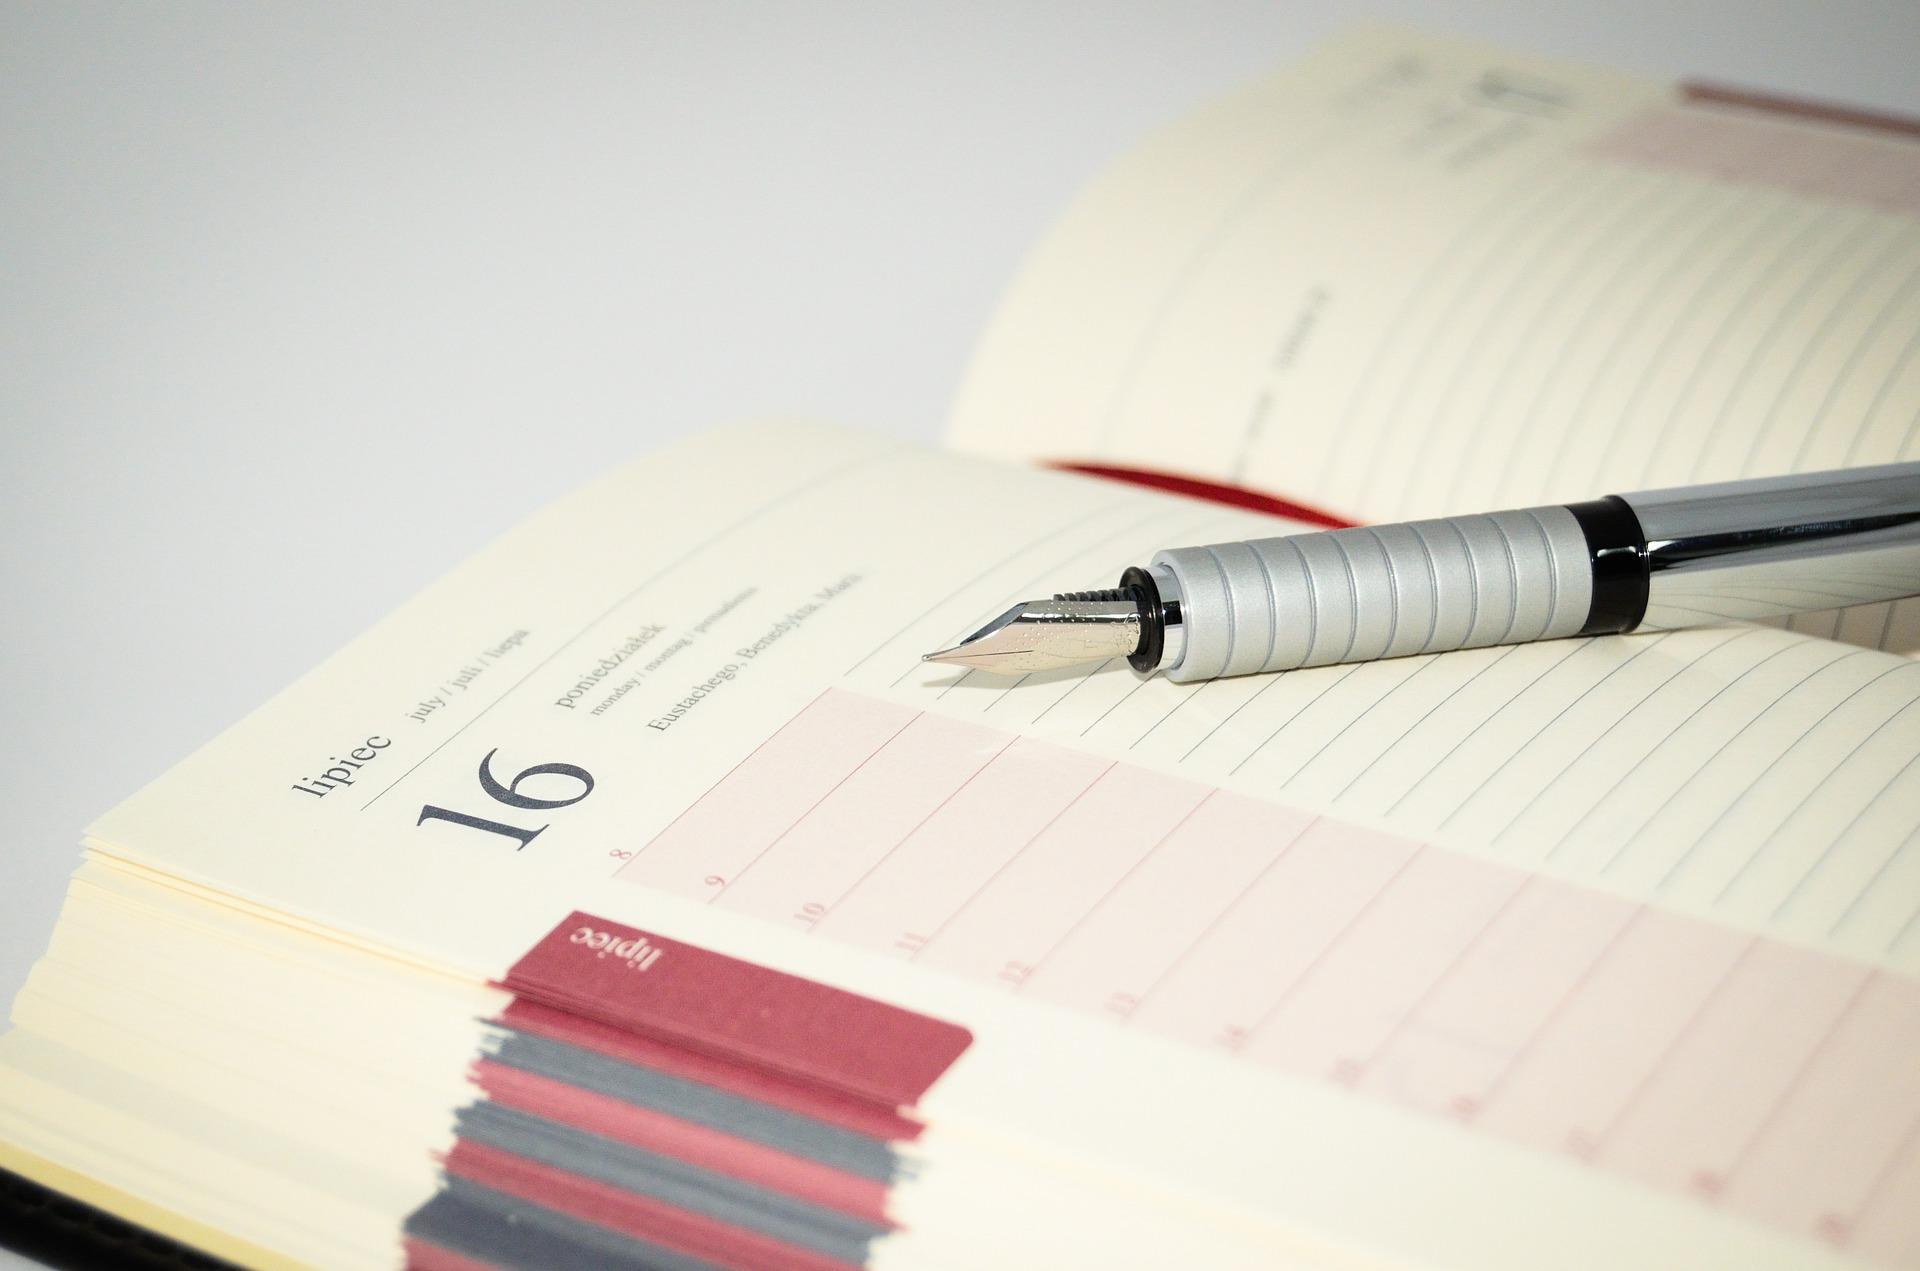 notebook-428293_1920 (1)